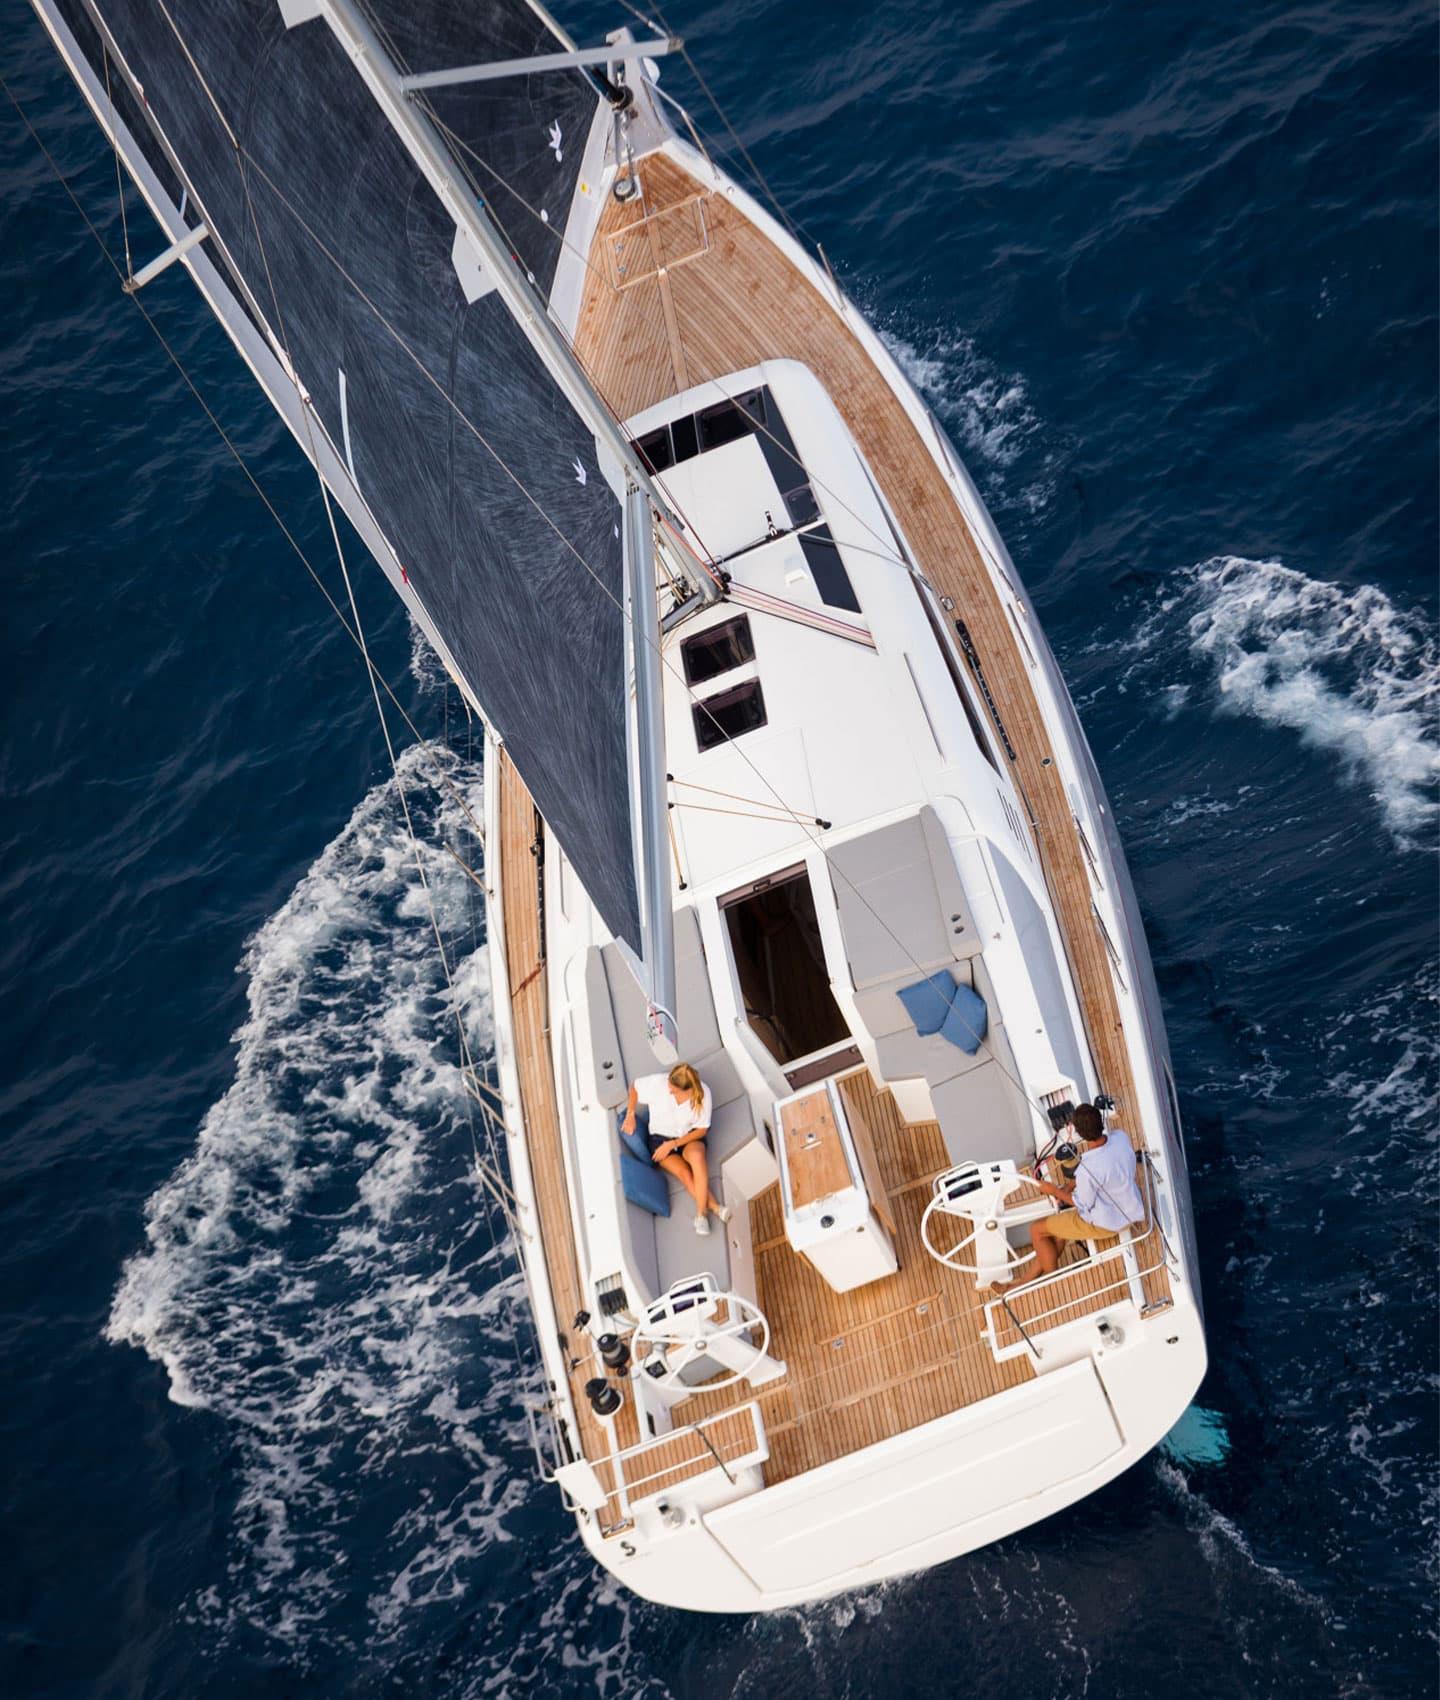 Una vista dall'alto di una coppia che naviga su una barca a vela del gruppo Beneteau in mare aperto